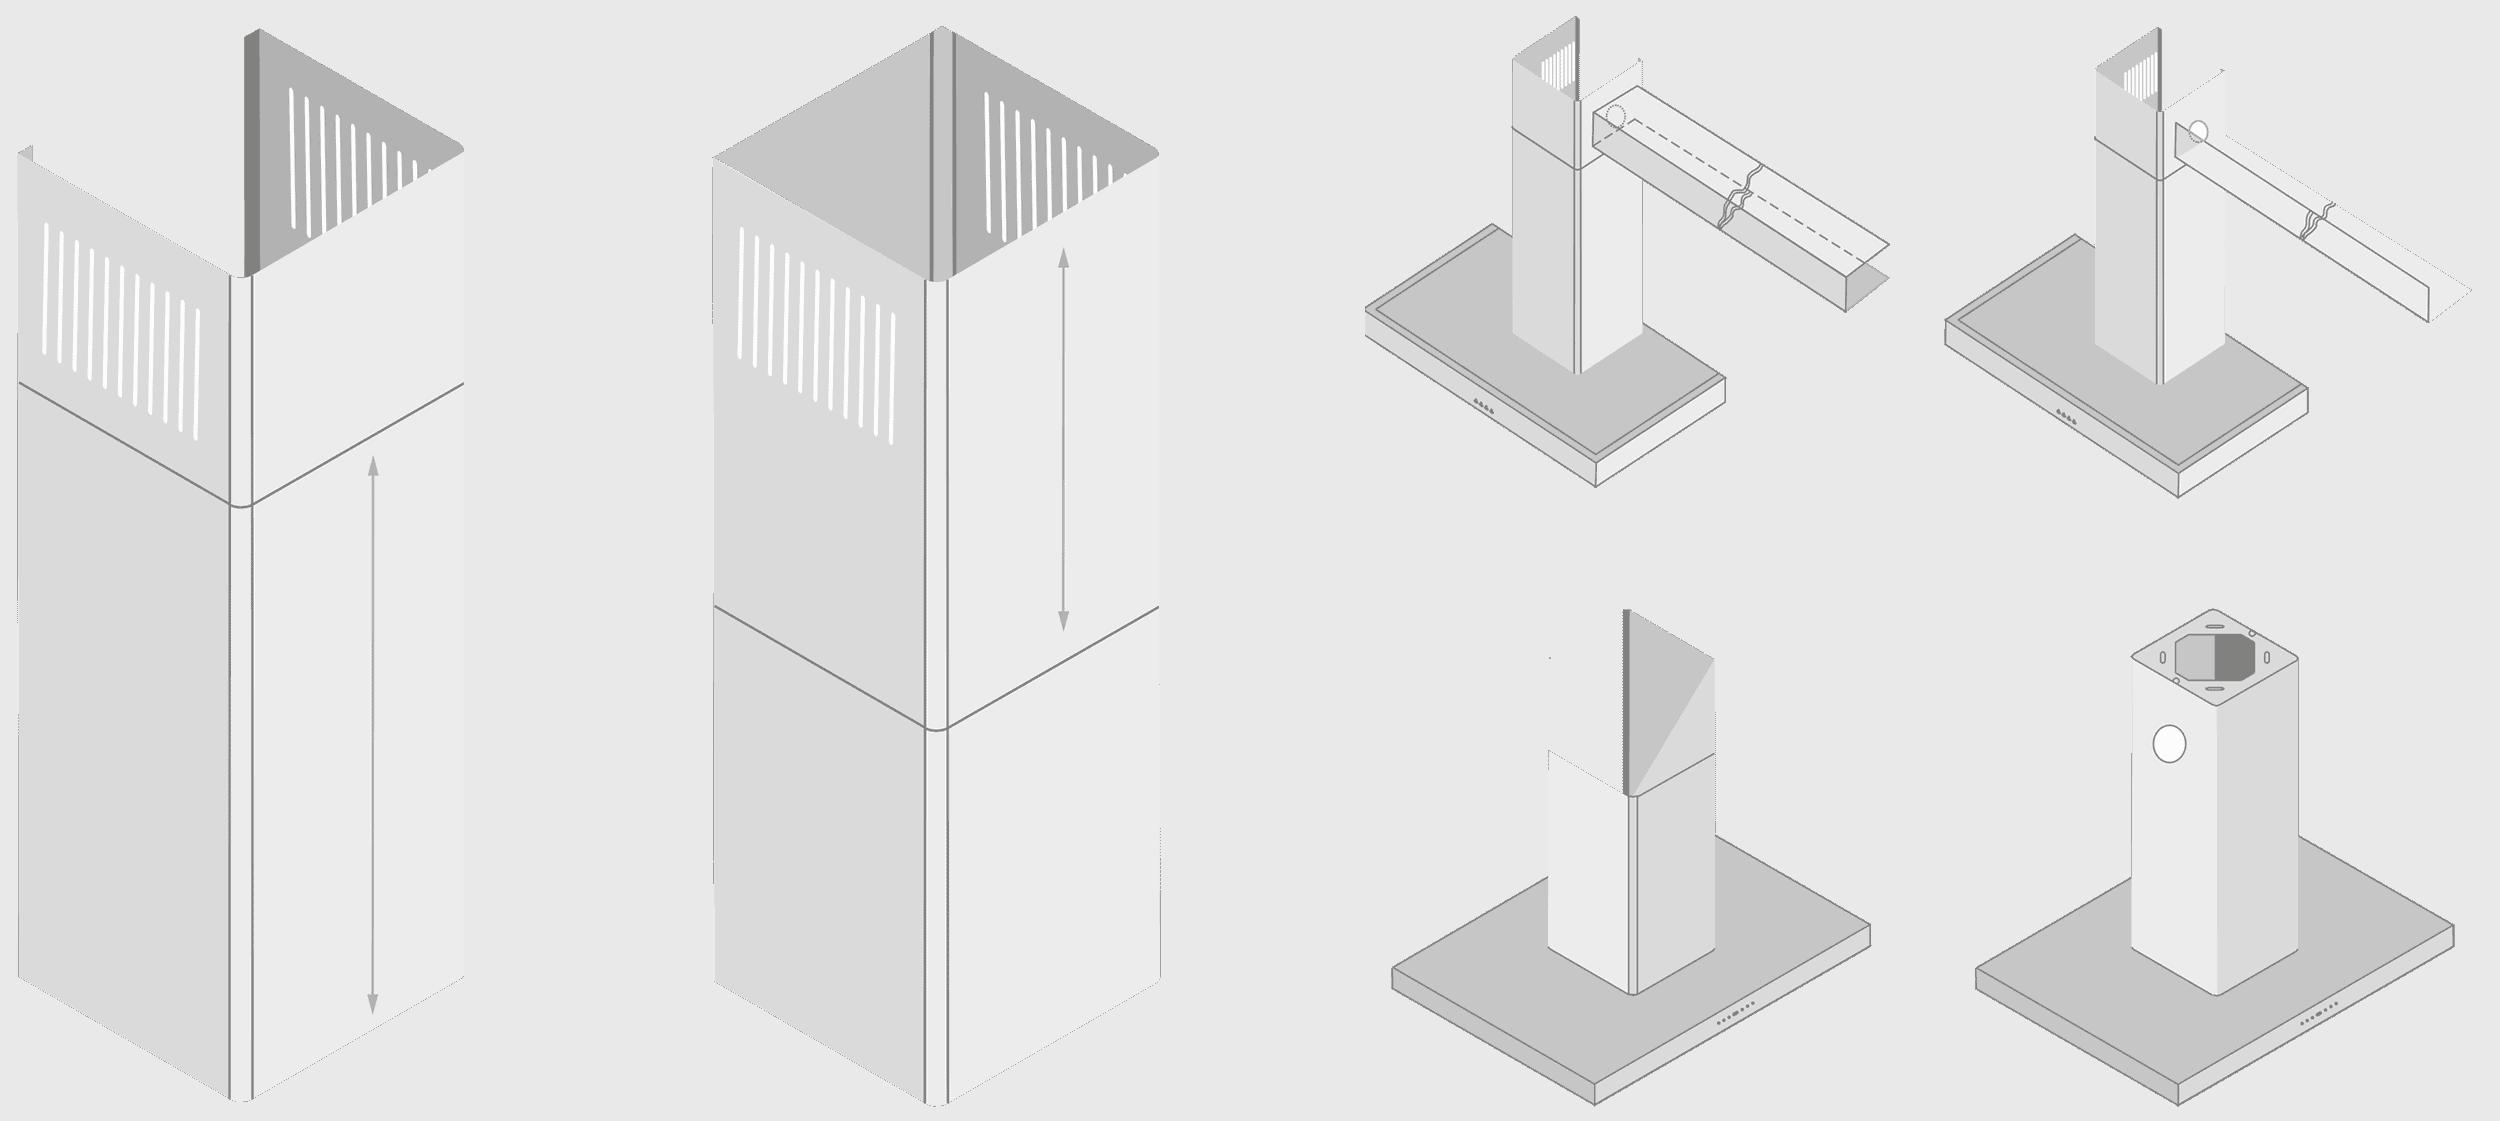 Massgeschneiderte Dunstabzugshauben | SILVERLINE